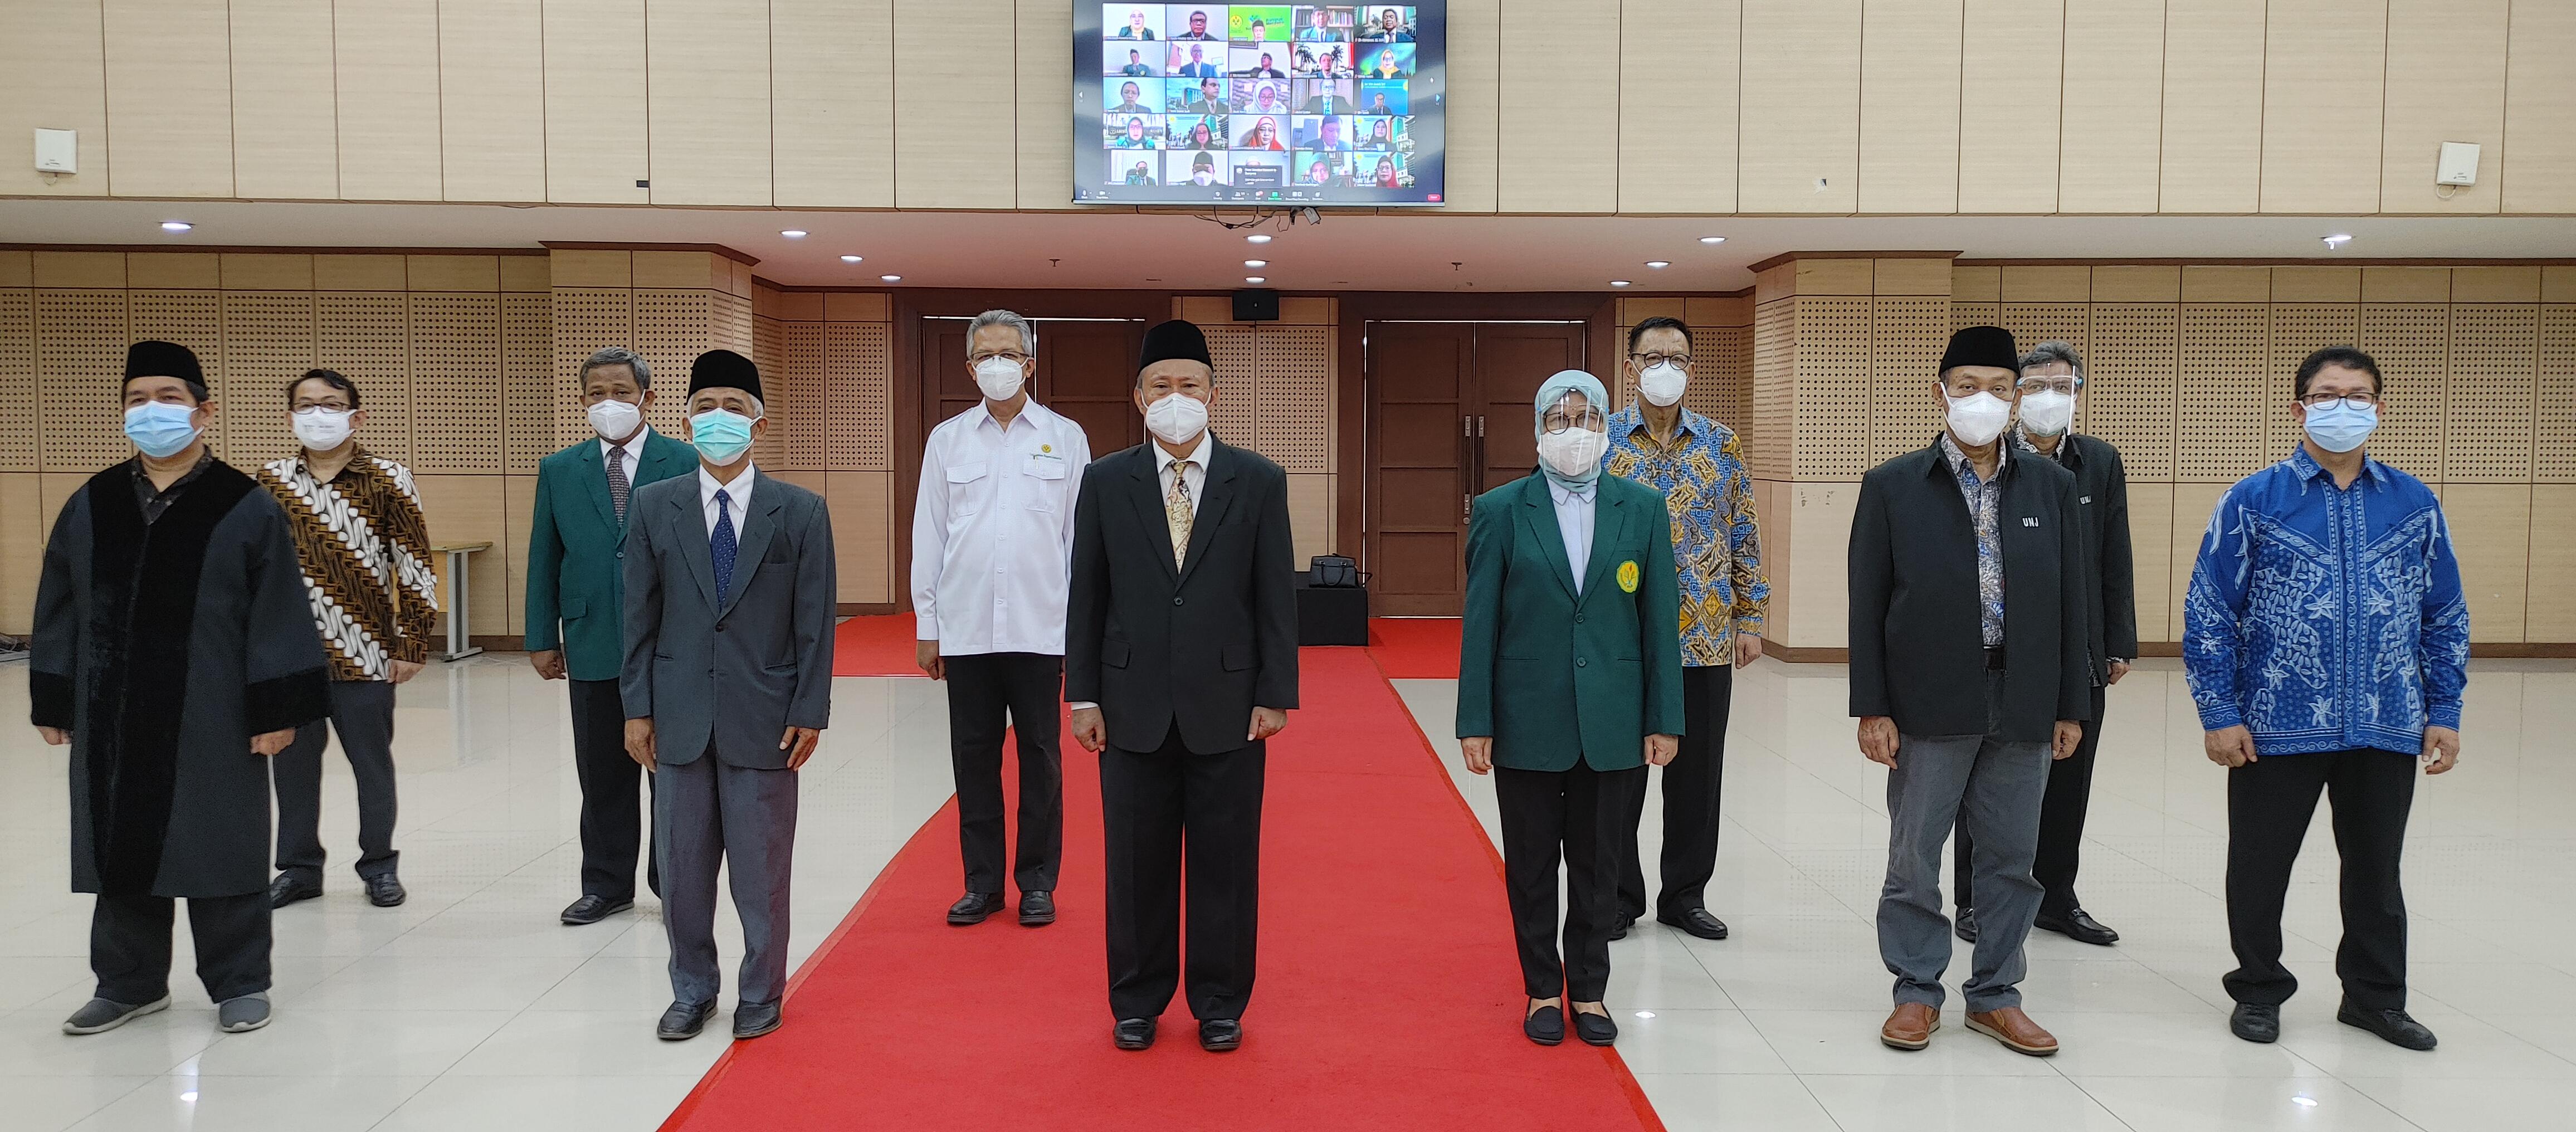 Pelantikan dan Serah Terima Jabatan Direktur Pascasarjana, Para Wakil Dekan I, II, dan III Fakultas, dan Kepala UPT di Lingkungan UNJ